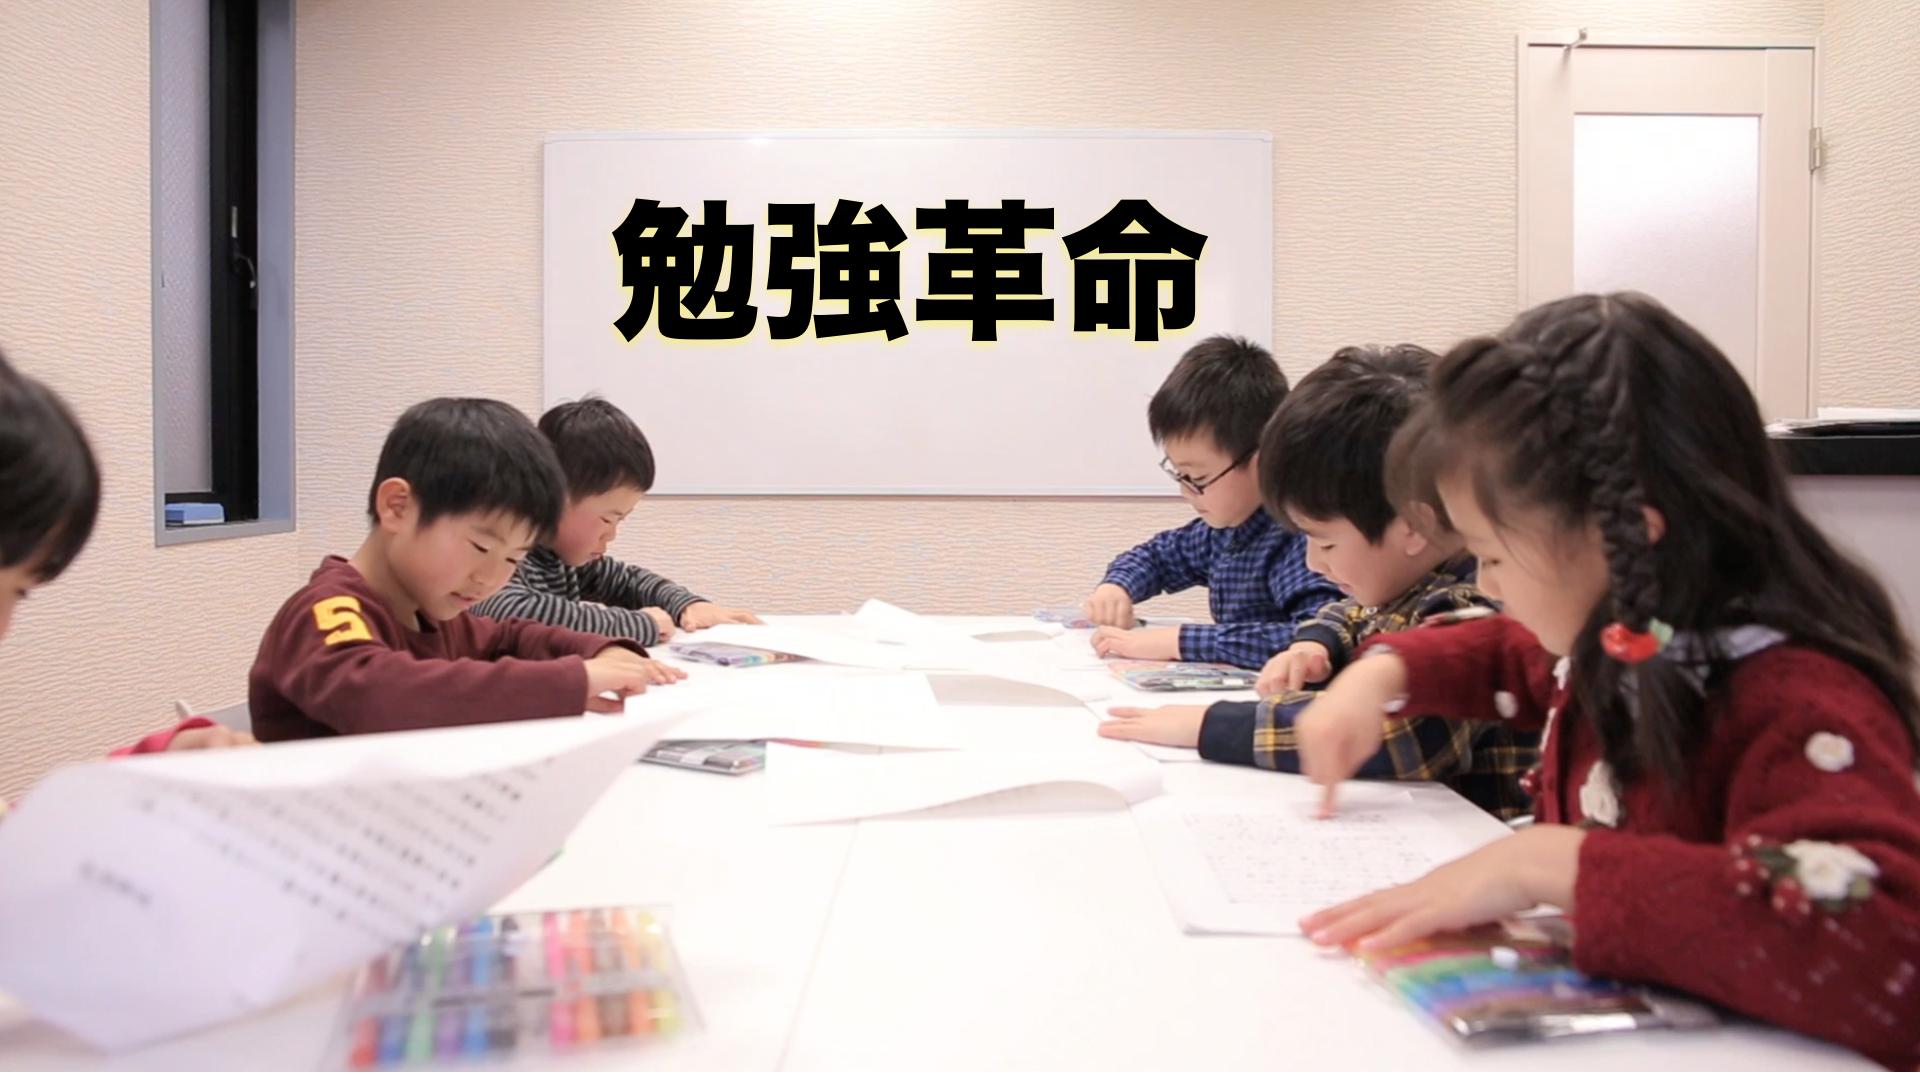 脳科学学習塾RAKUTO様 PR動画